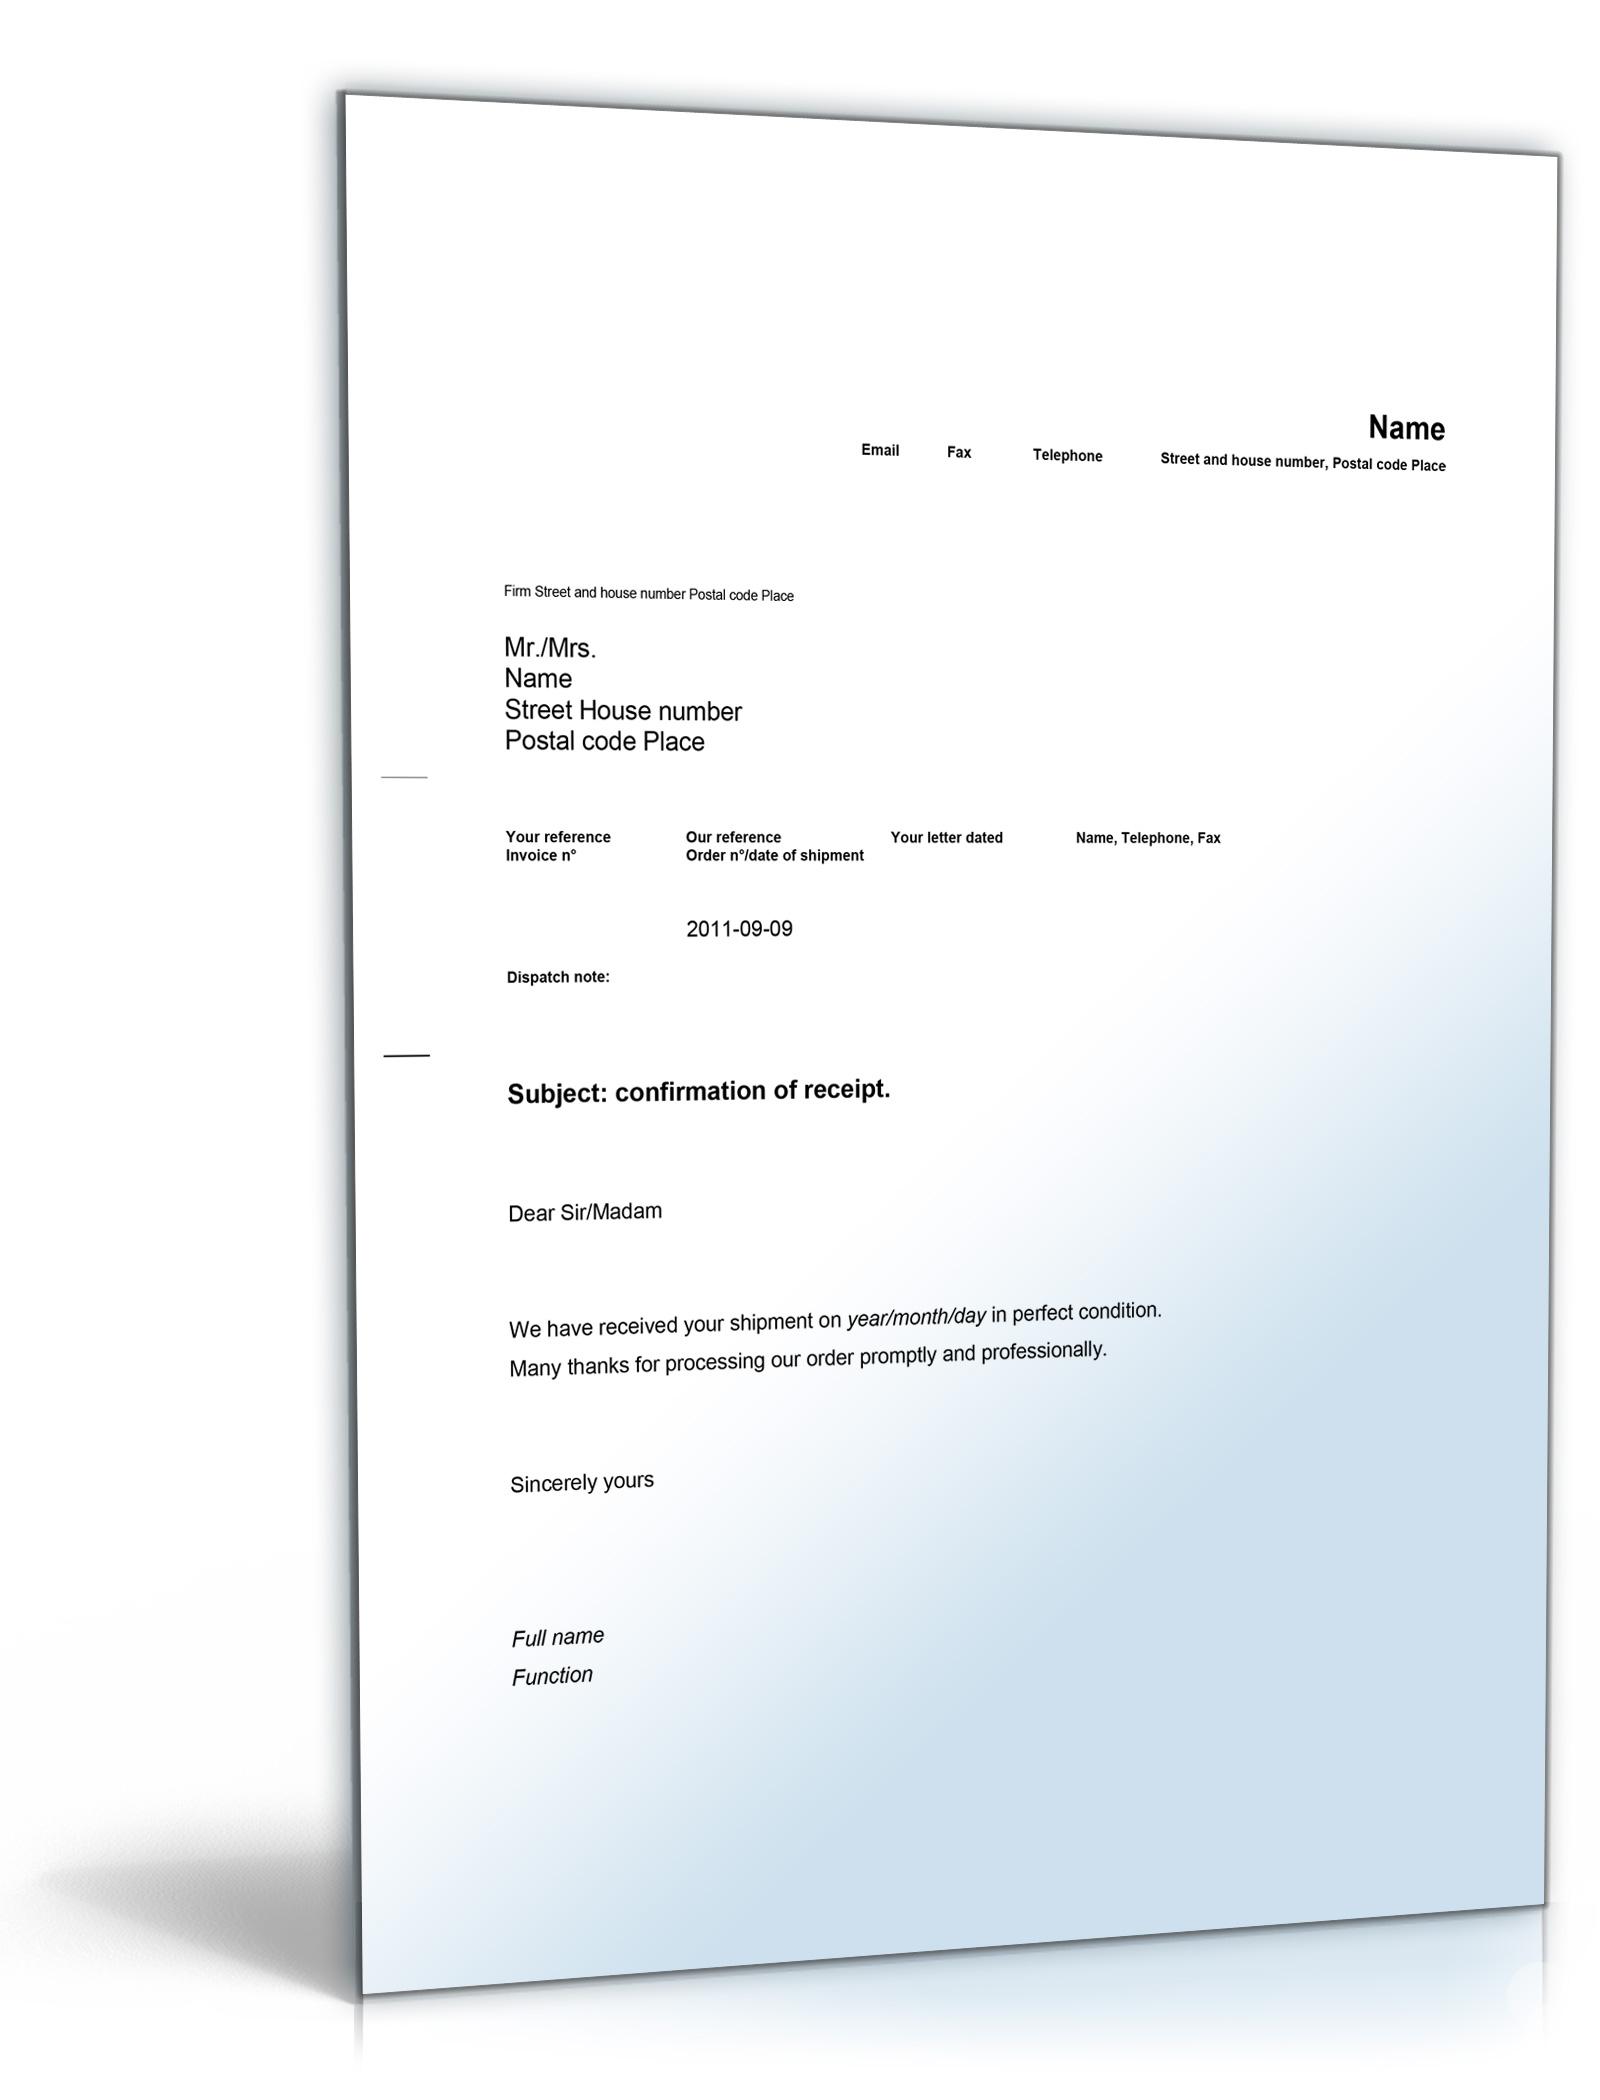 Empfangsbestätigung Auf Englisch Confirmation Of Receipt De